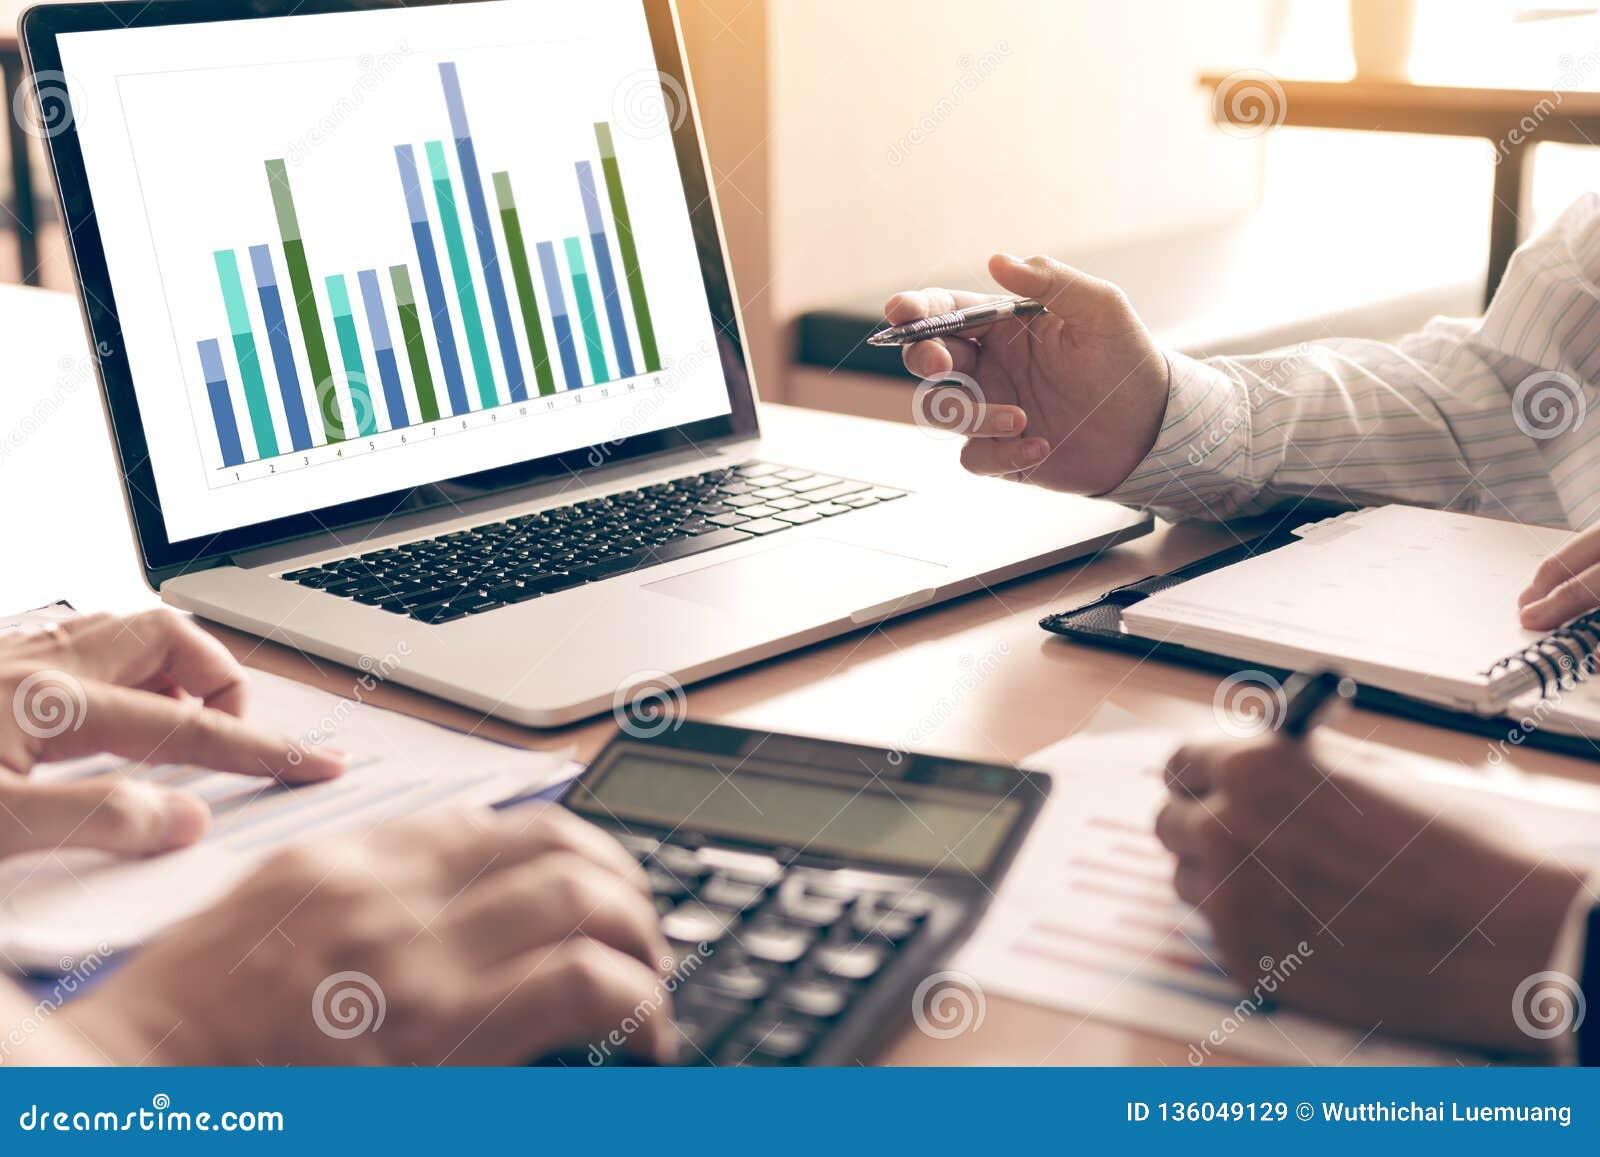 Hyr rum grafen för den summariska rapporten för analys för lagaffärsfolk på bärbara datorn i regeringsställning